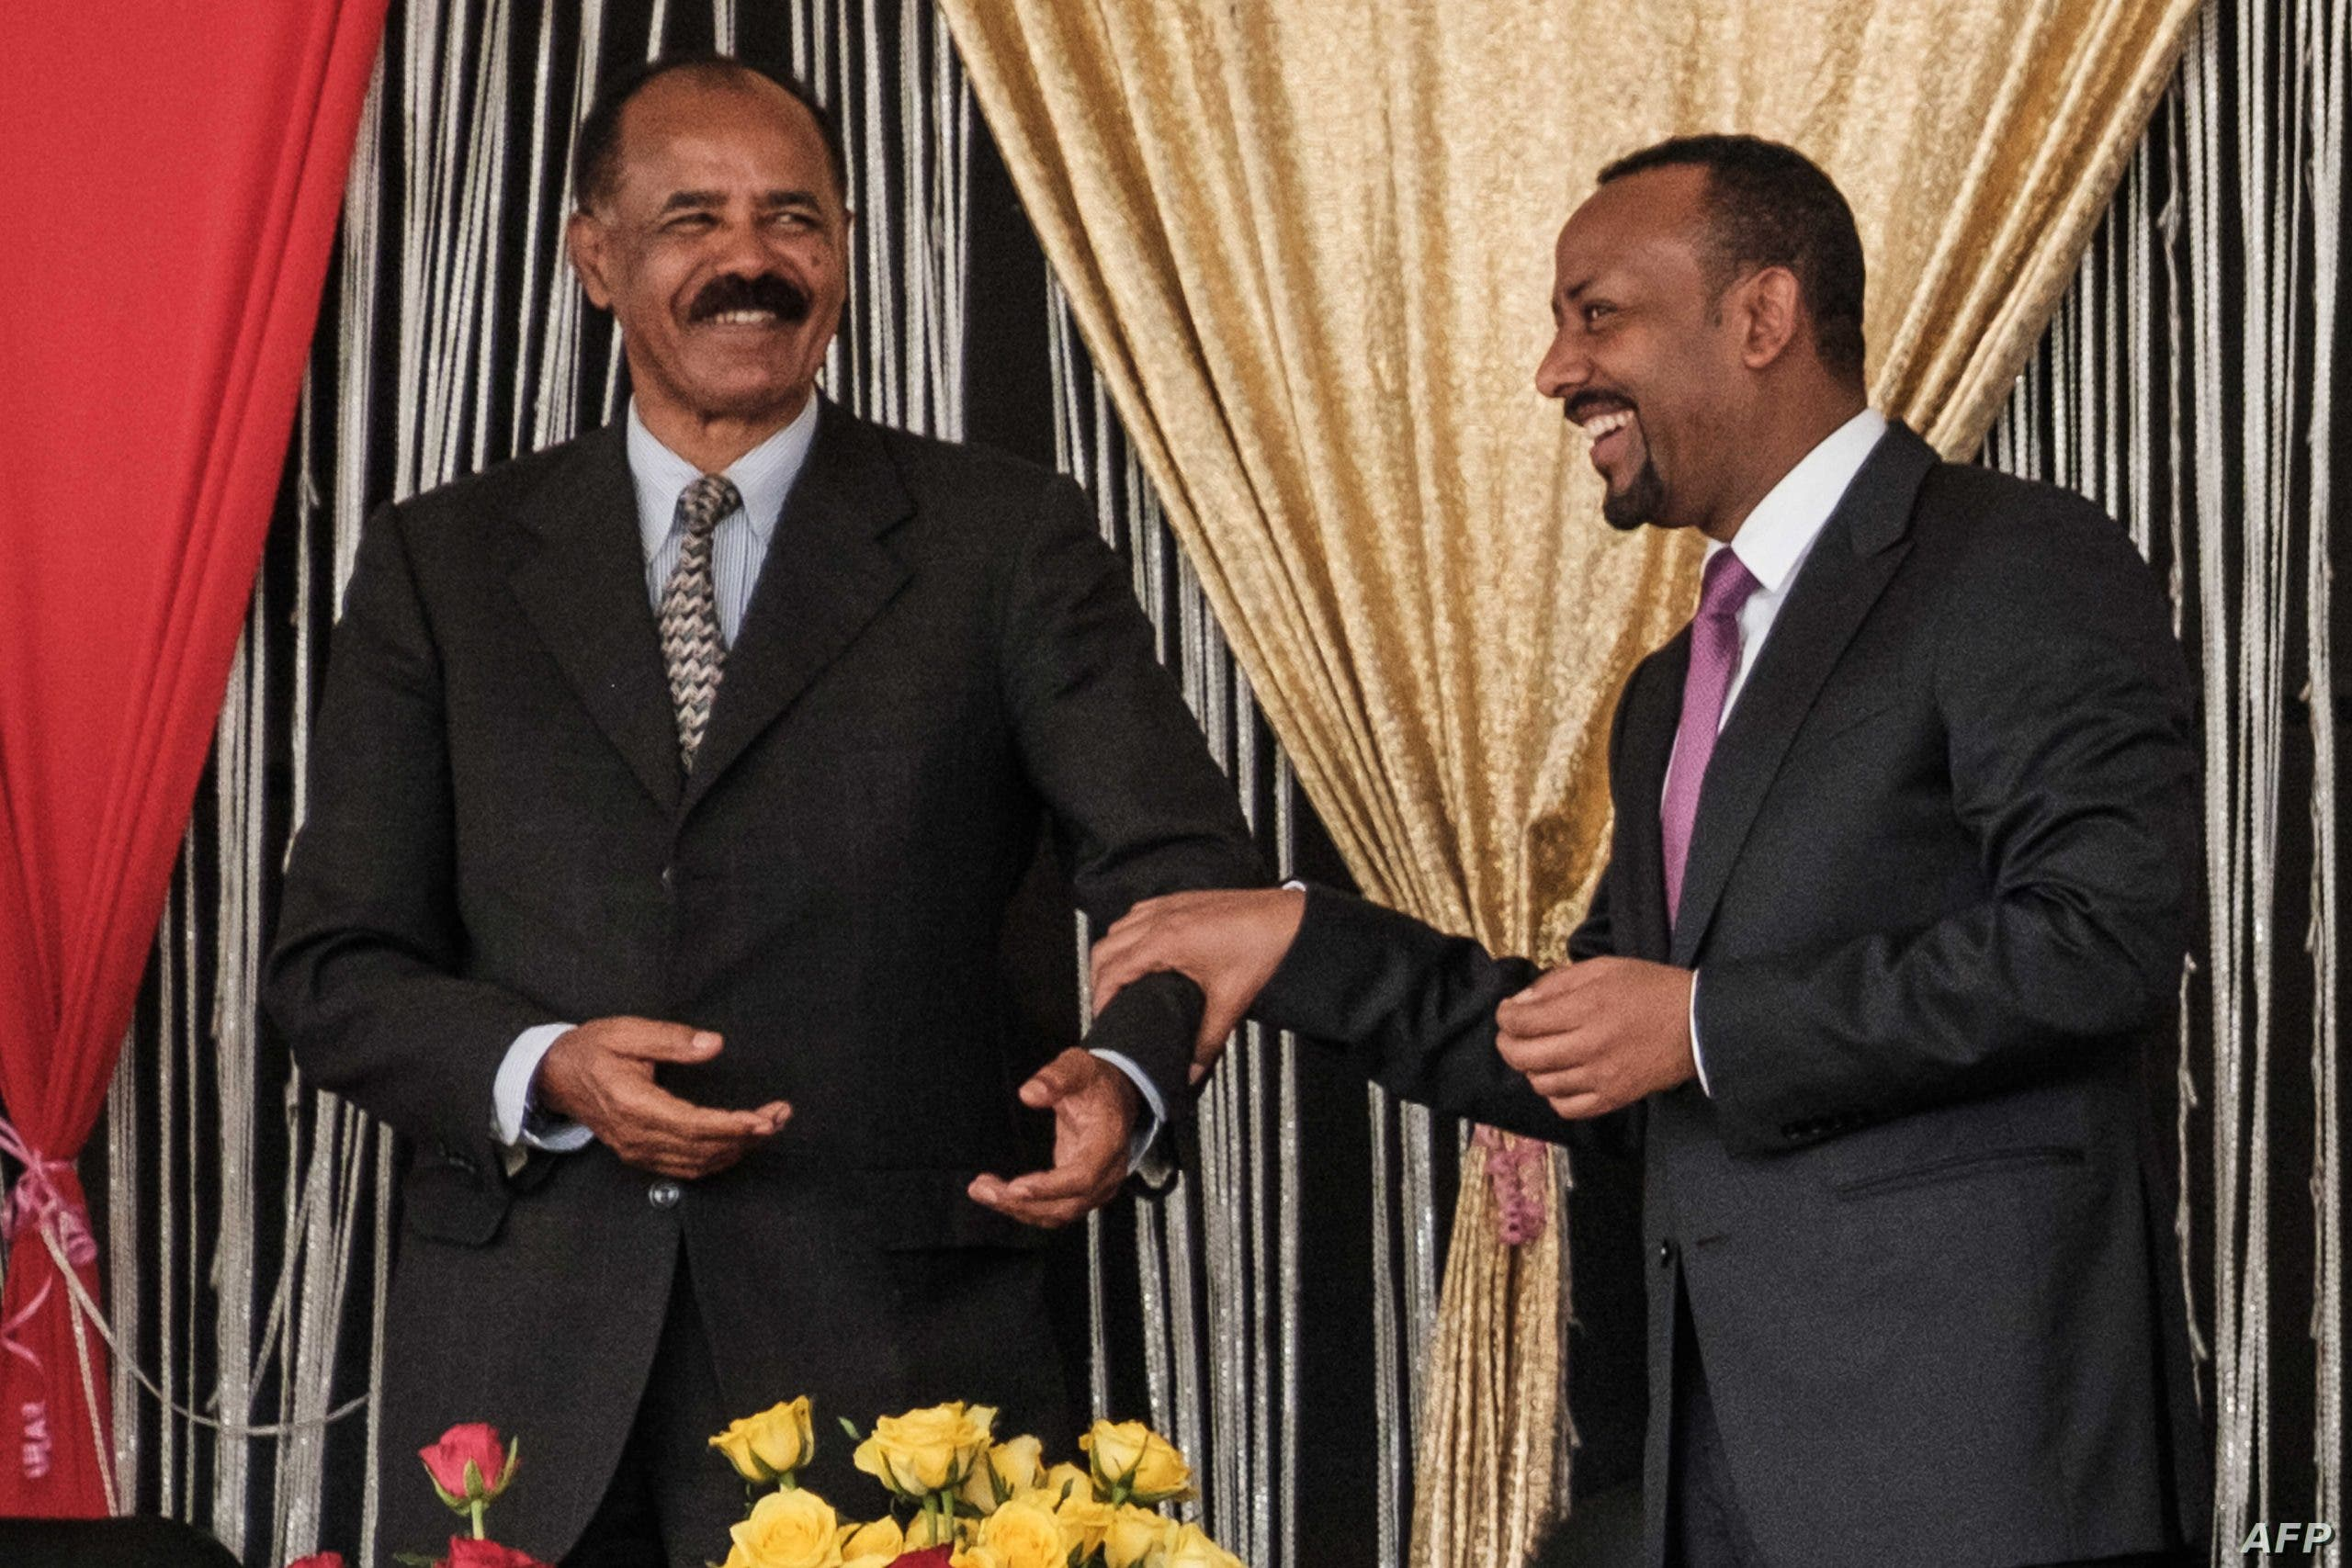 Ujeedka booqashada lama filaanka ah ee Abiy Ahmed uu ku tegay Eritrea?